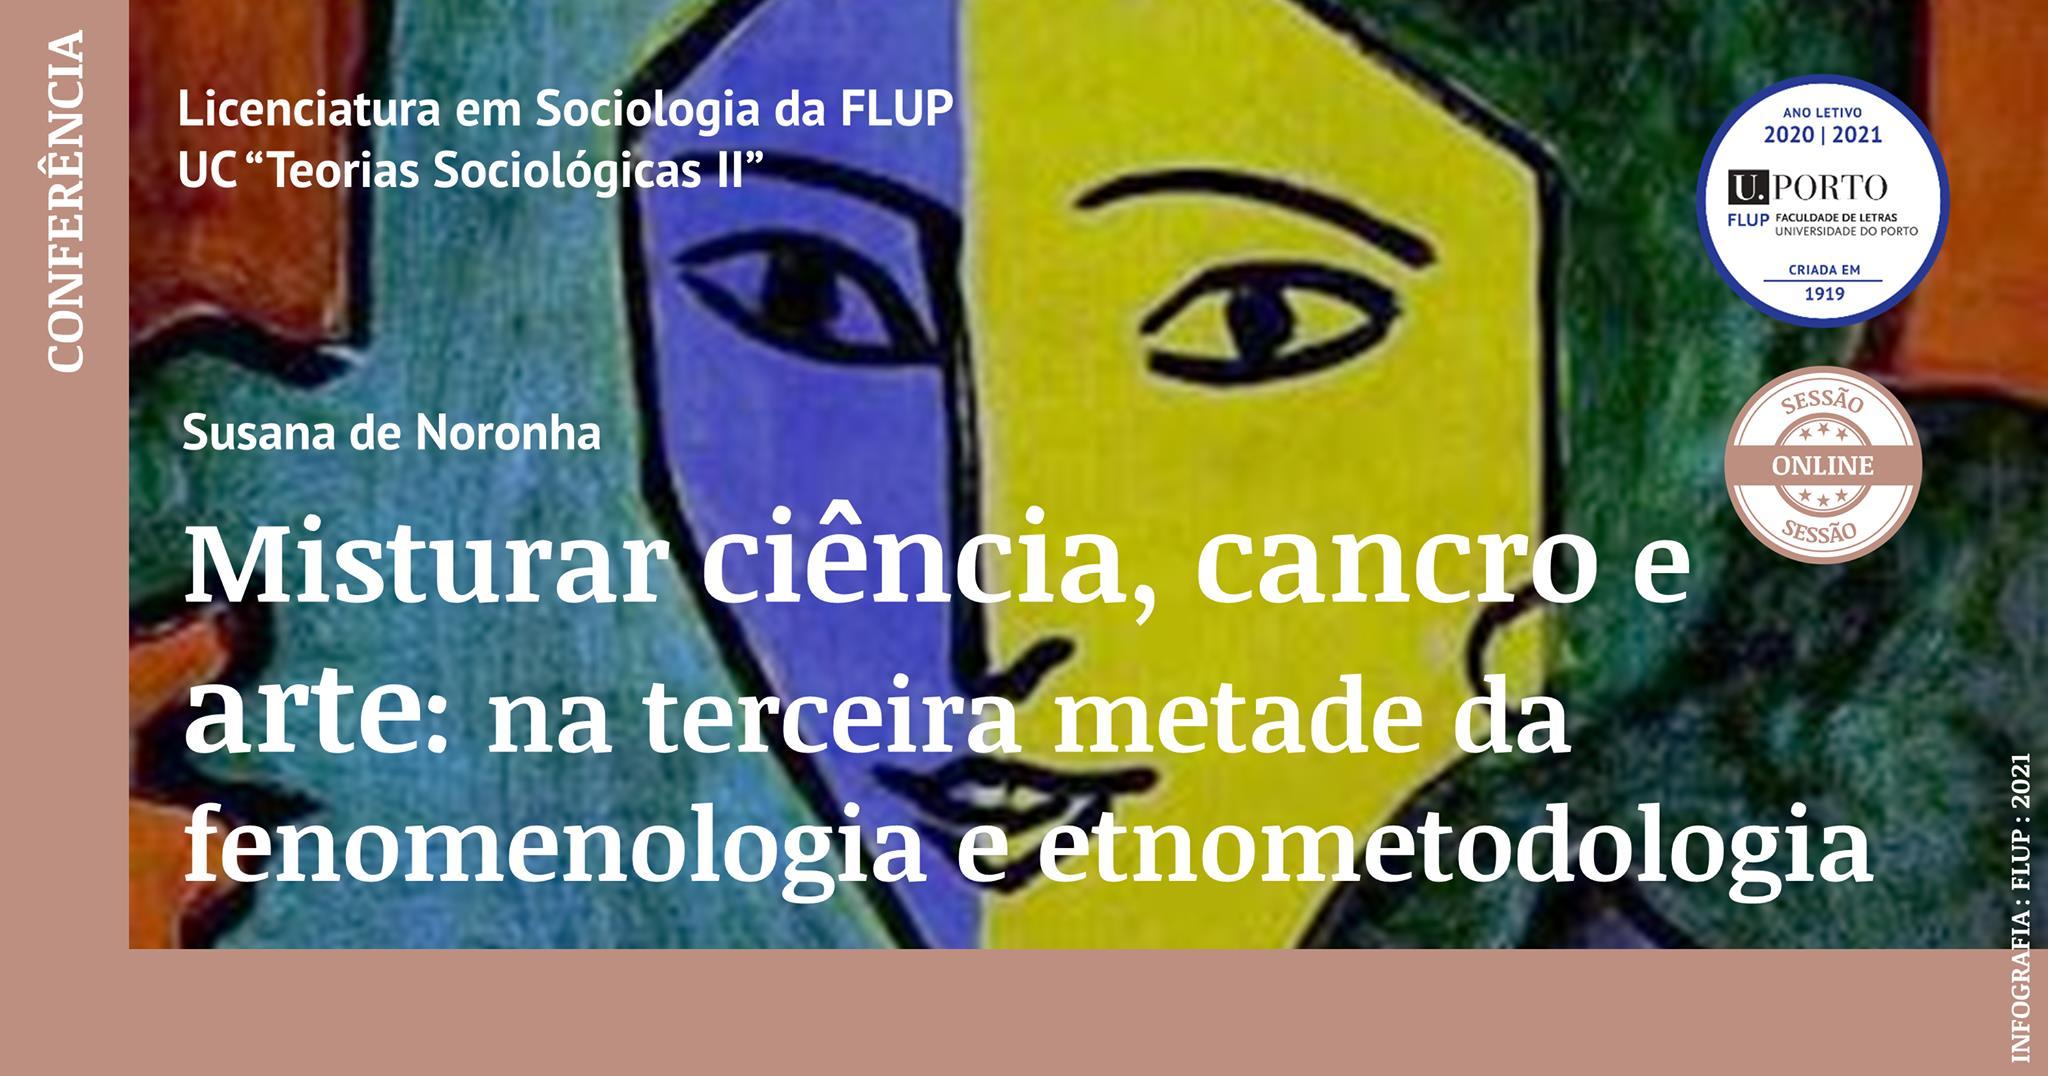 Misturar ciência, cancro e arte: na terceira metade da fenomenologia e etnometodologia